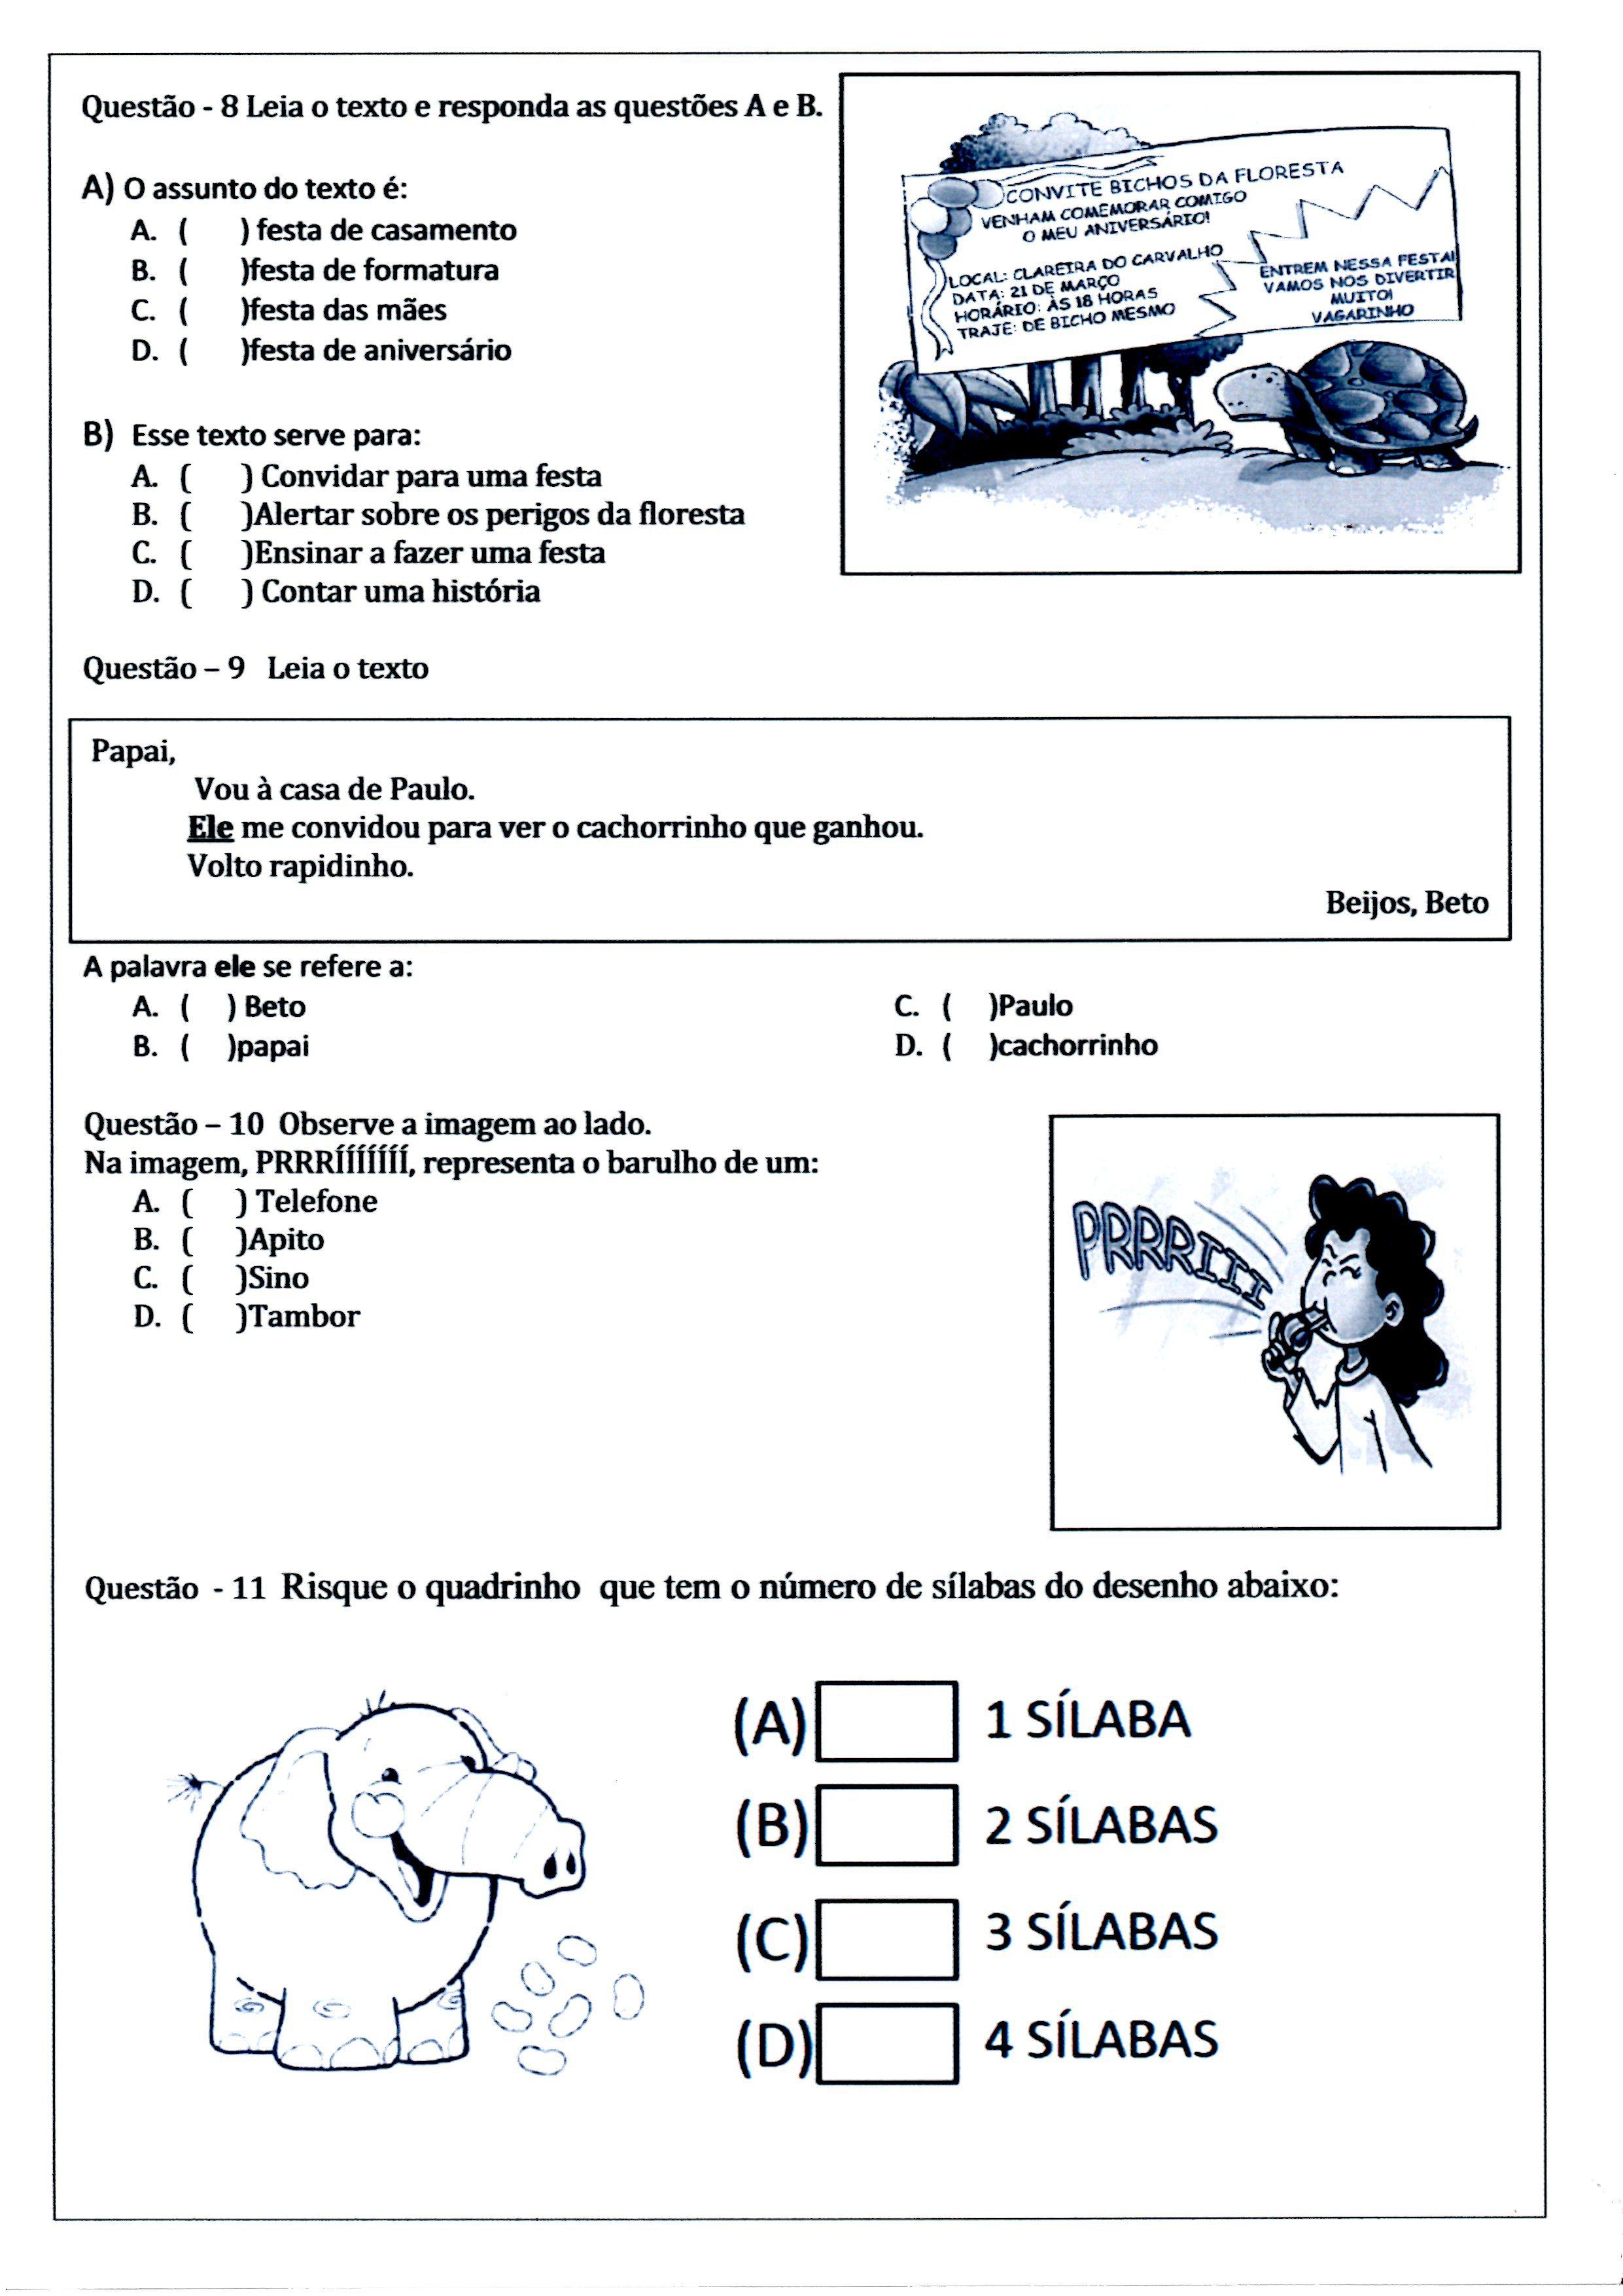 Populares Avaliação Diagnóstica 3 ano de Português e Matemática - PDF e WORD TA42